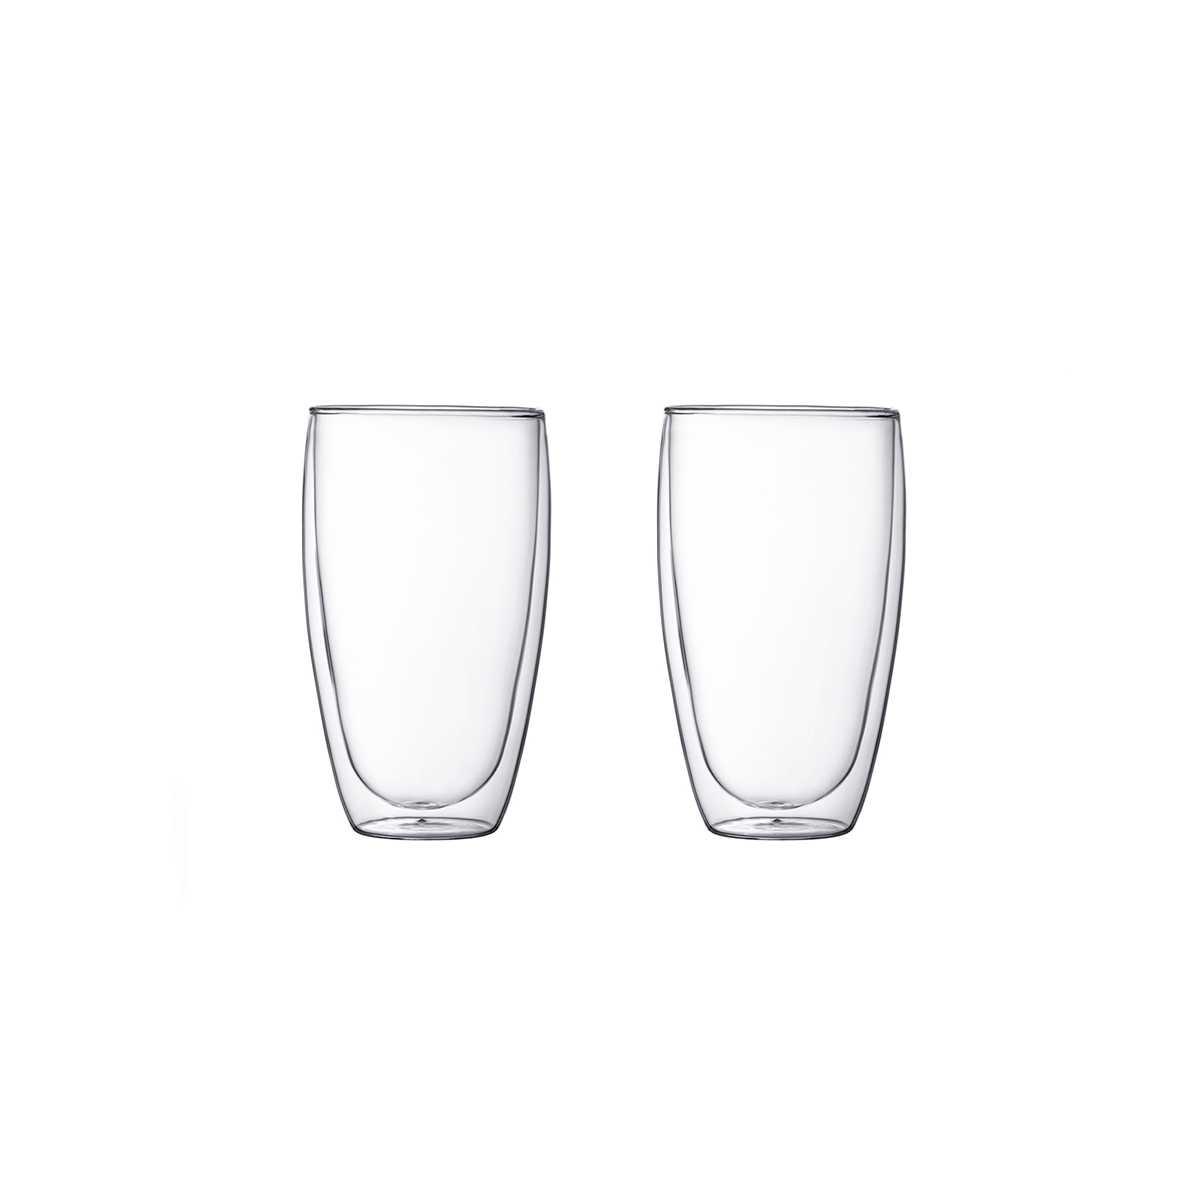 Онлайн каталог PROMENU: Набор стаканов с двойными стенками 0,45 л, 2 шт Bodum Pavina  (4560-10) Bodum 4560-10